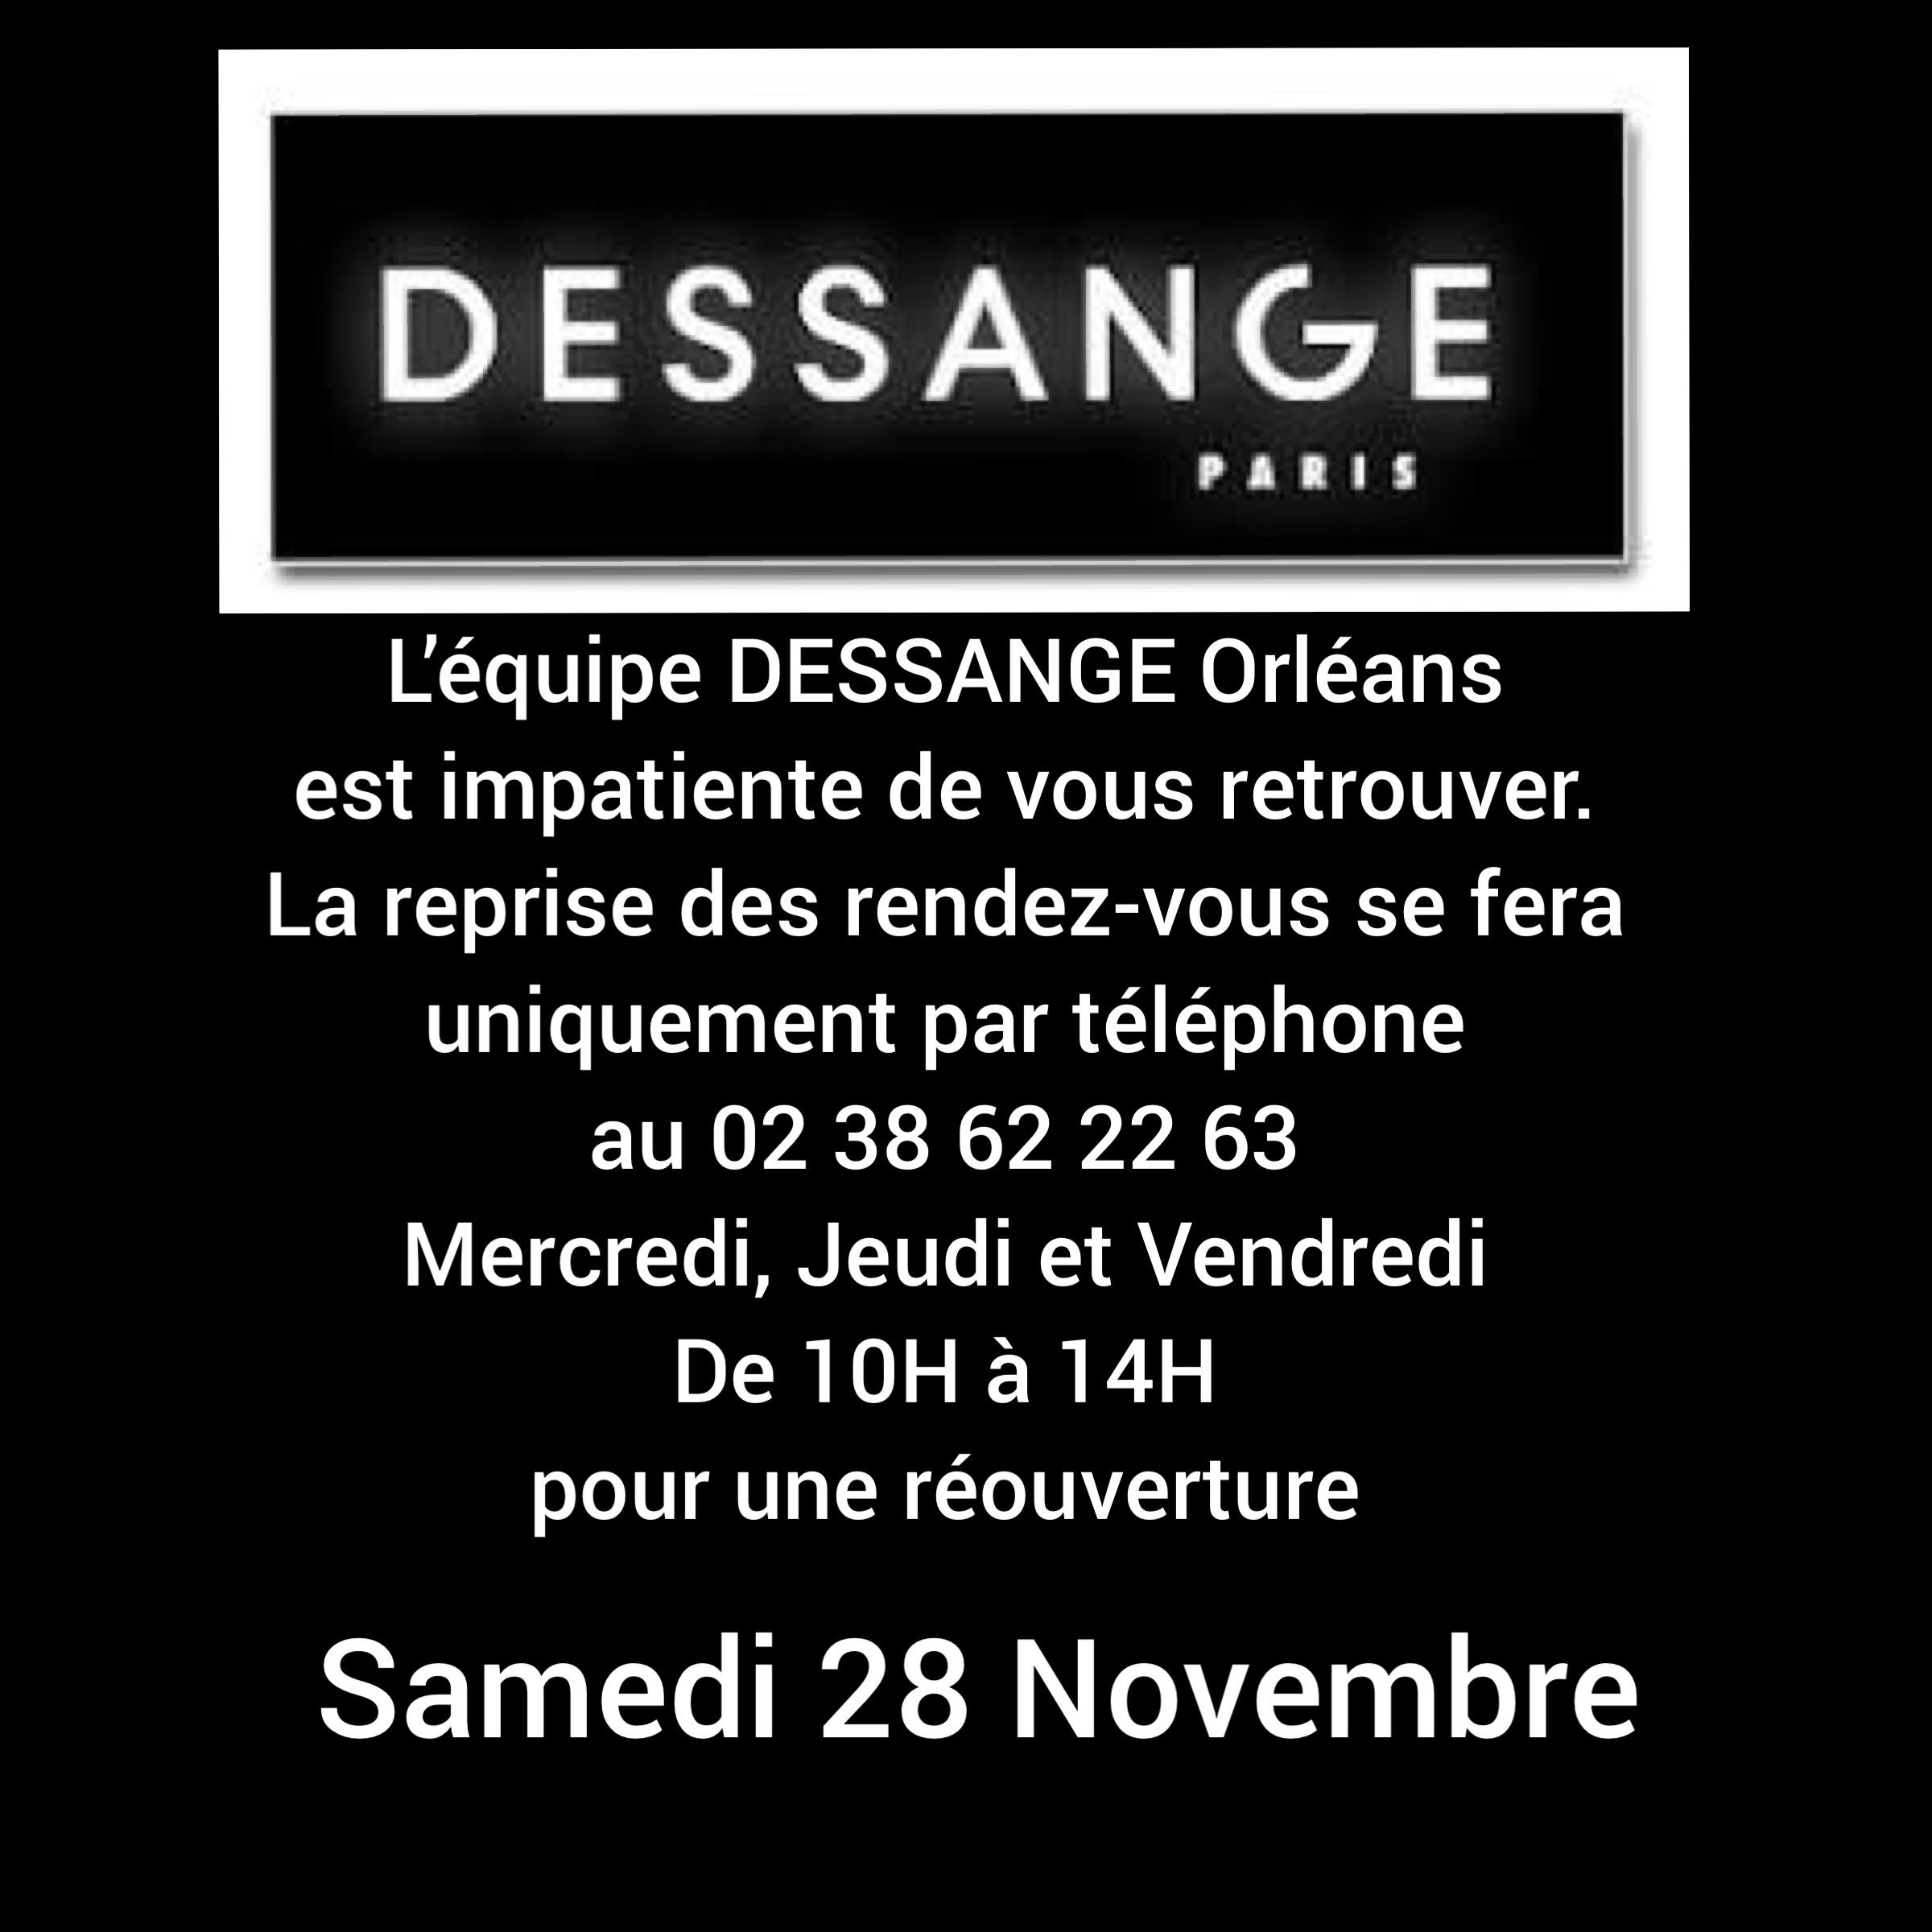 RDV Dessange Orléans